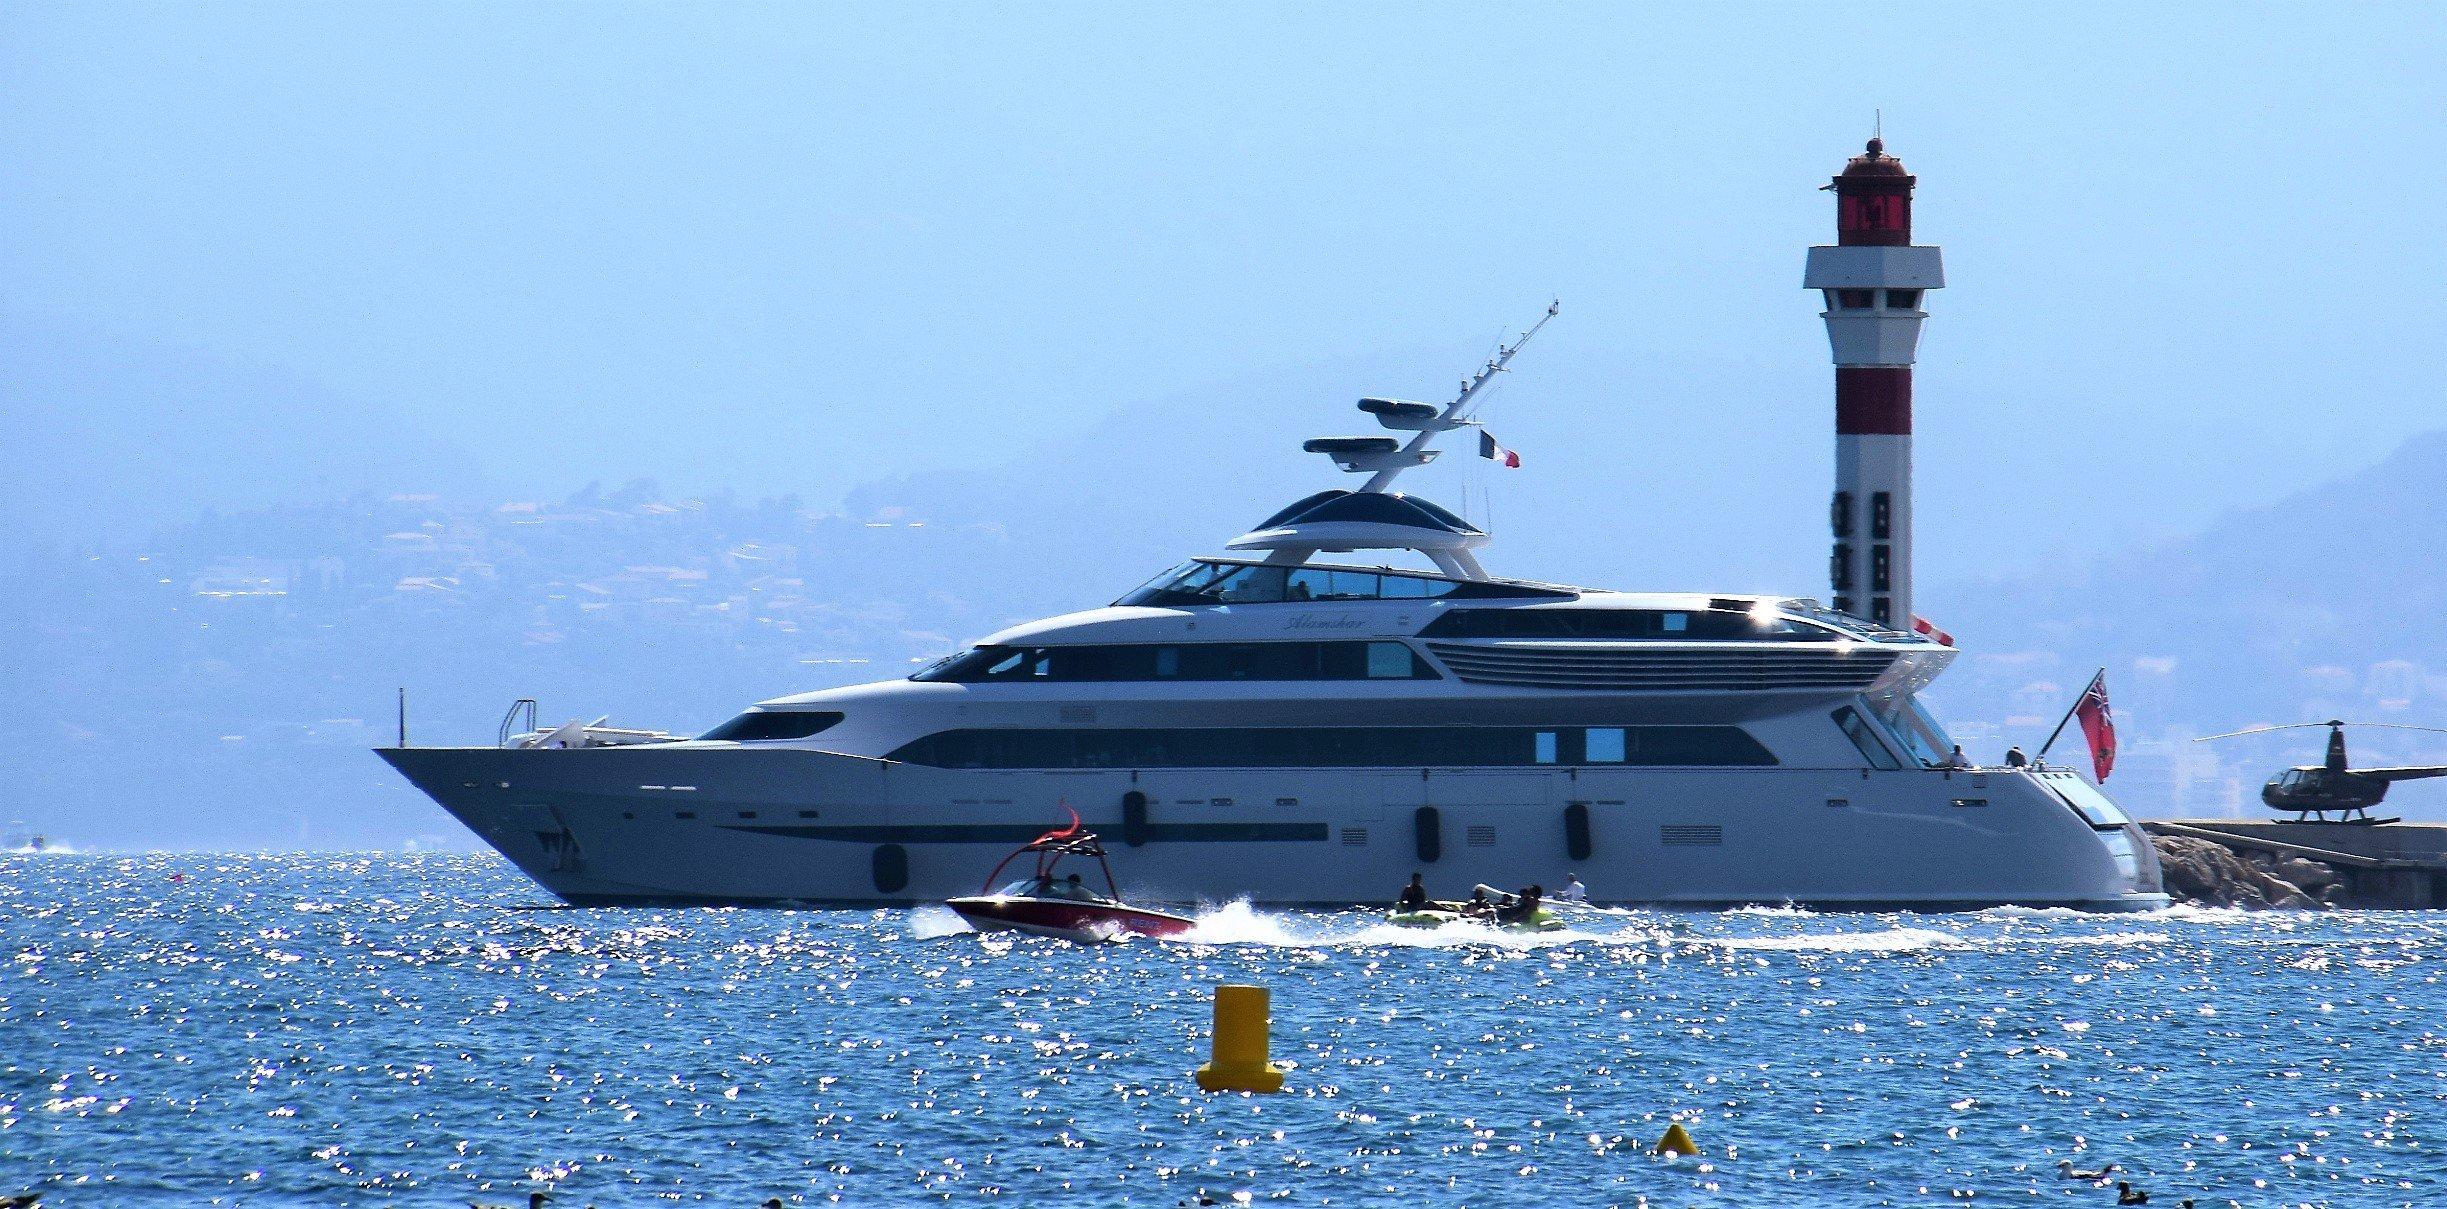 yacht Alamshar - Aga Khan